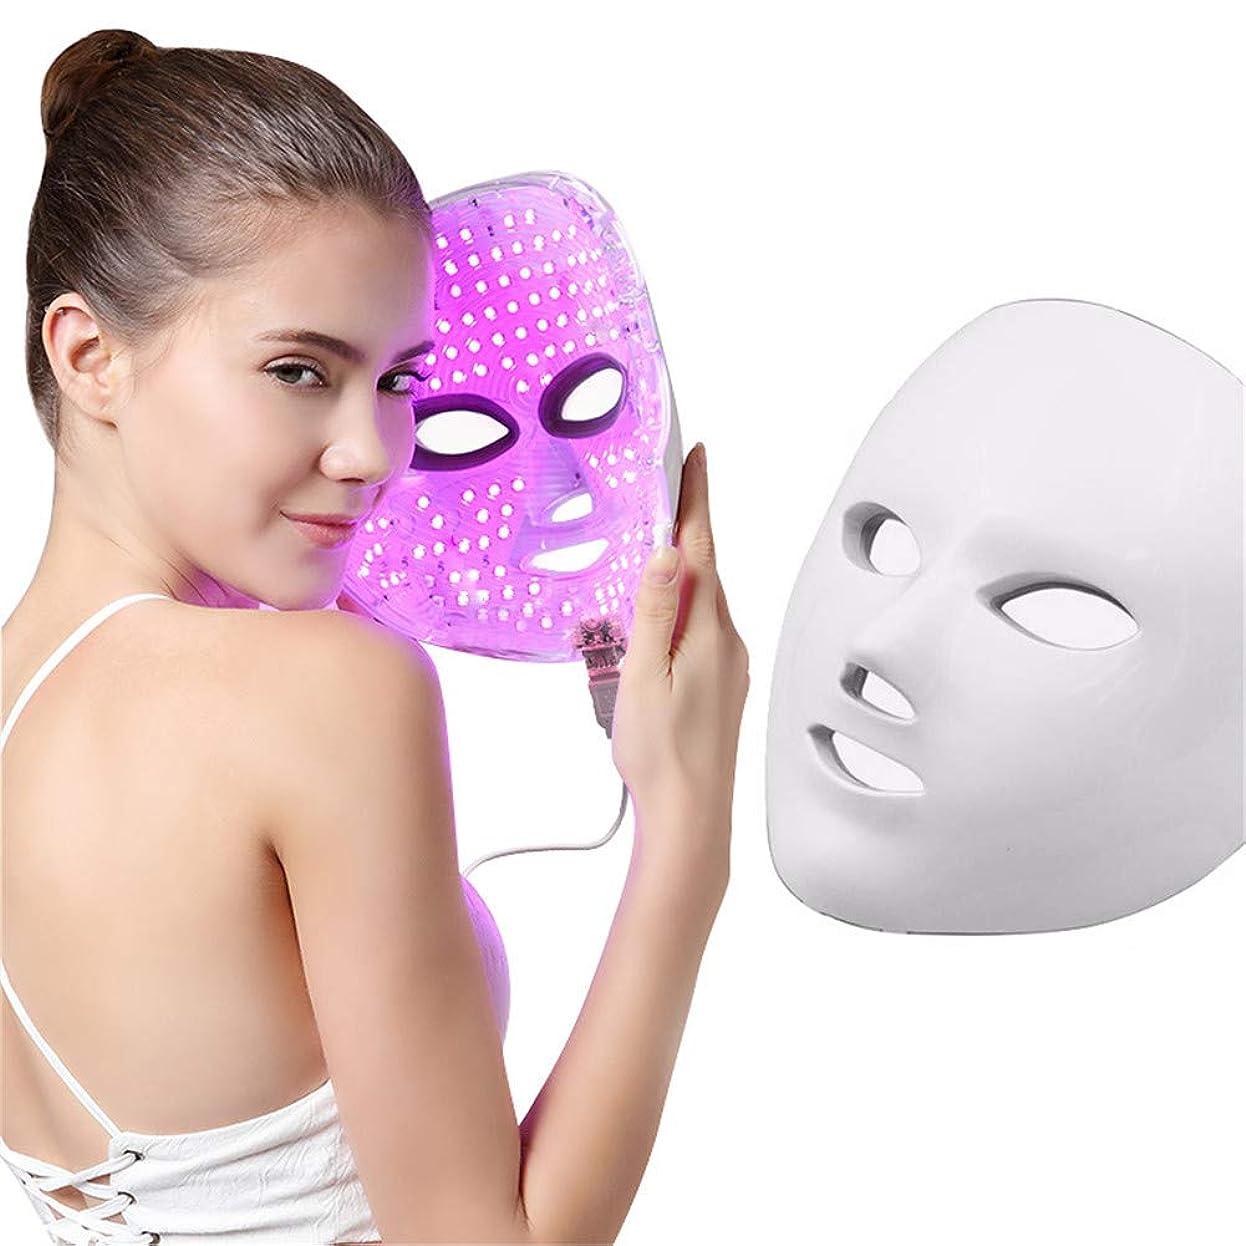 判決スポーツ未来7色ledマスク若返りにきび除去しわライト美容マスクled光線療法マッサージフェイシャルケア機付きリモコン